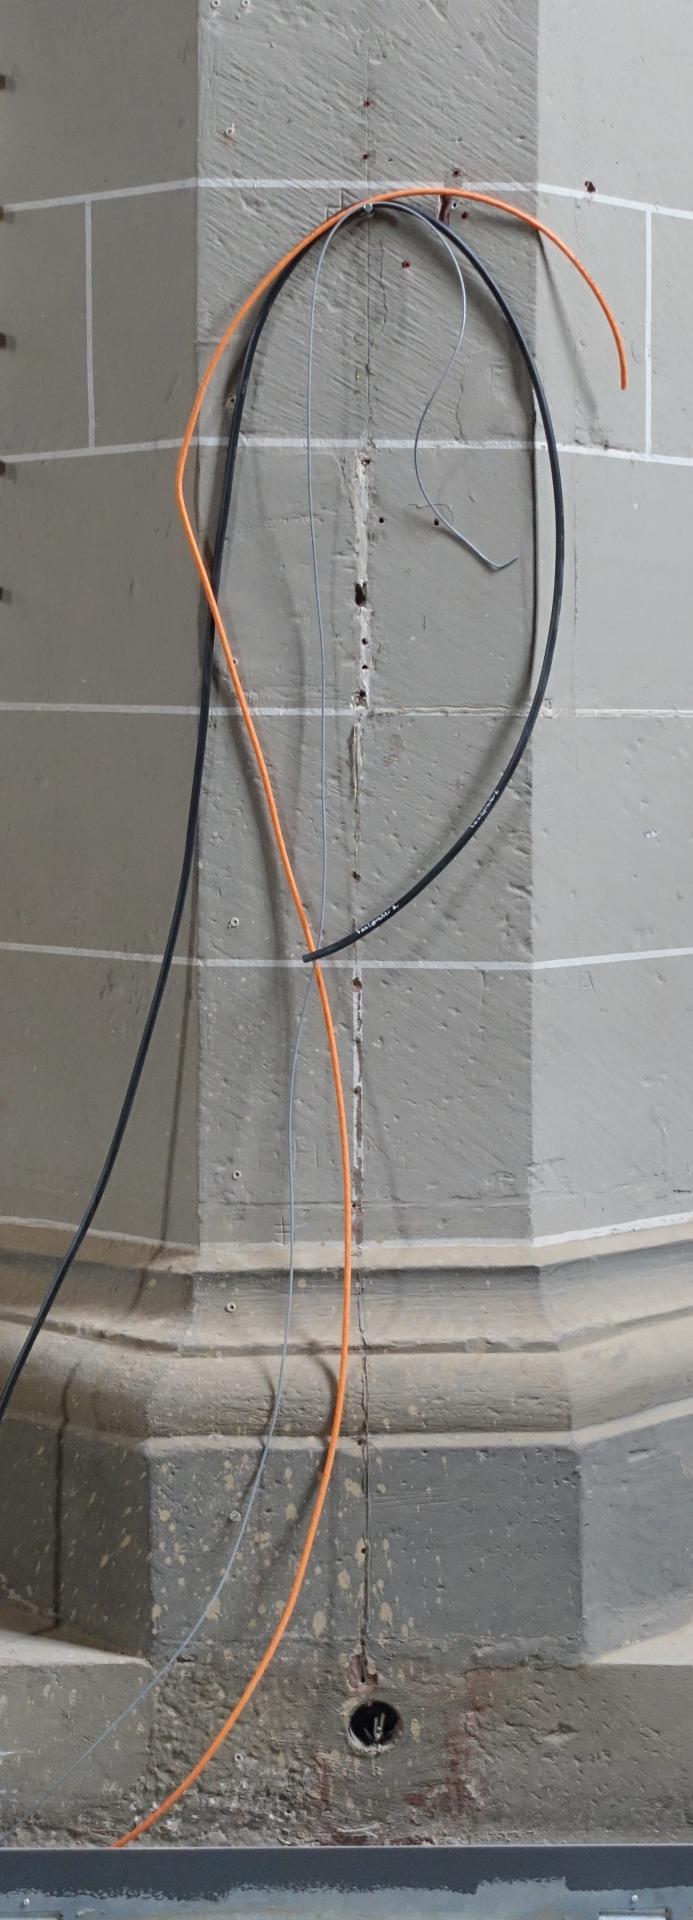 Kabel an der Säule vorne links, die auf Anschluss warten